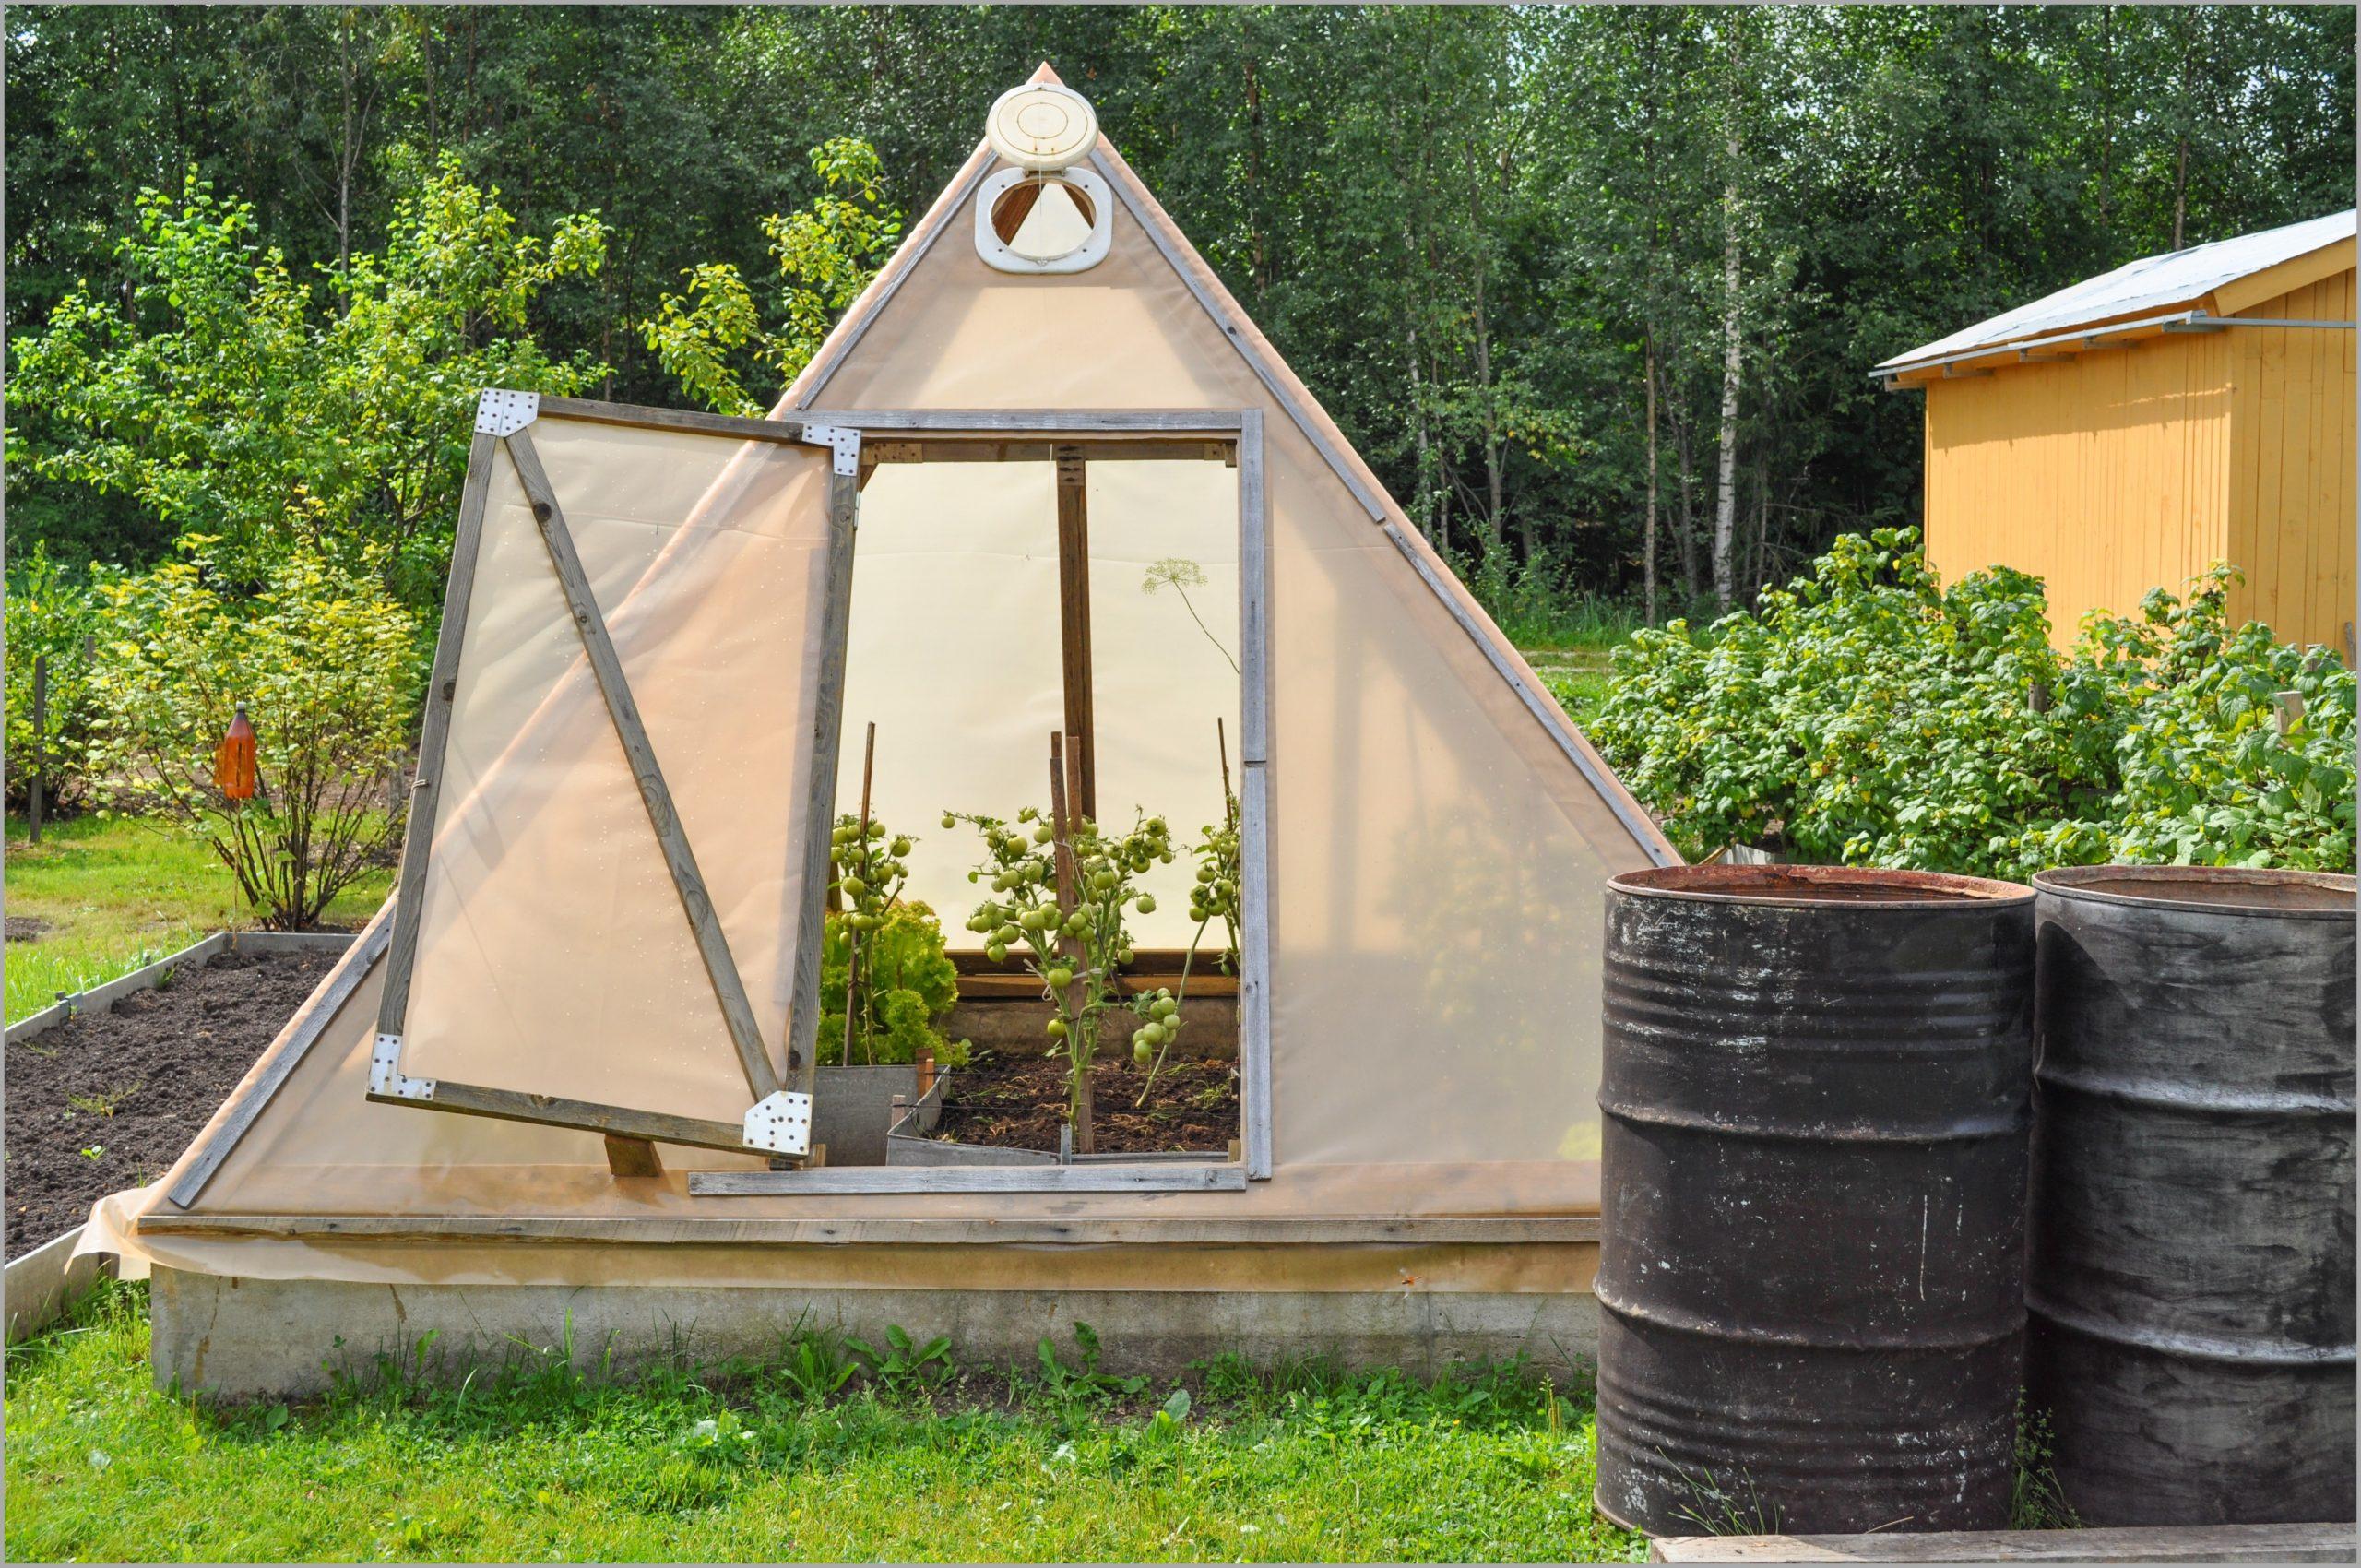 Tomates Une Serre Toute Simple Intéressant Fabriquer Petite ... pour Serre De Jardin Leroy Merlin